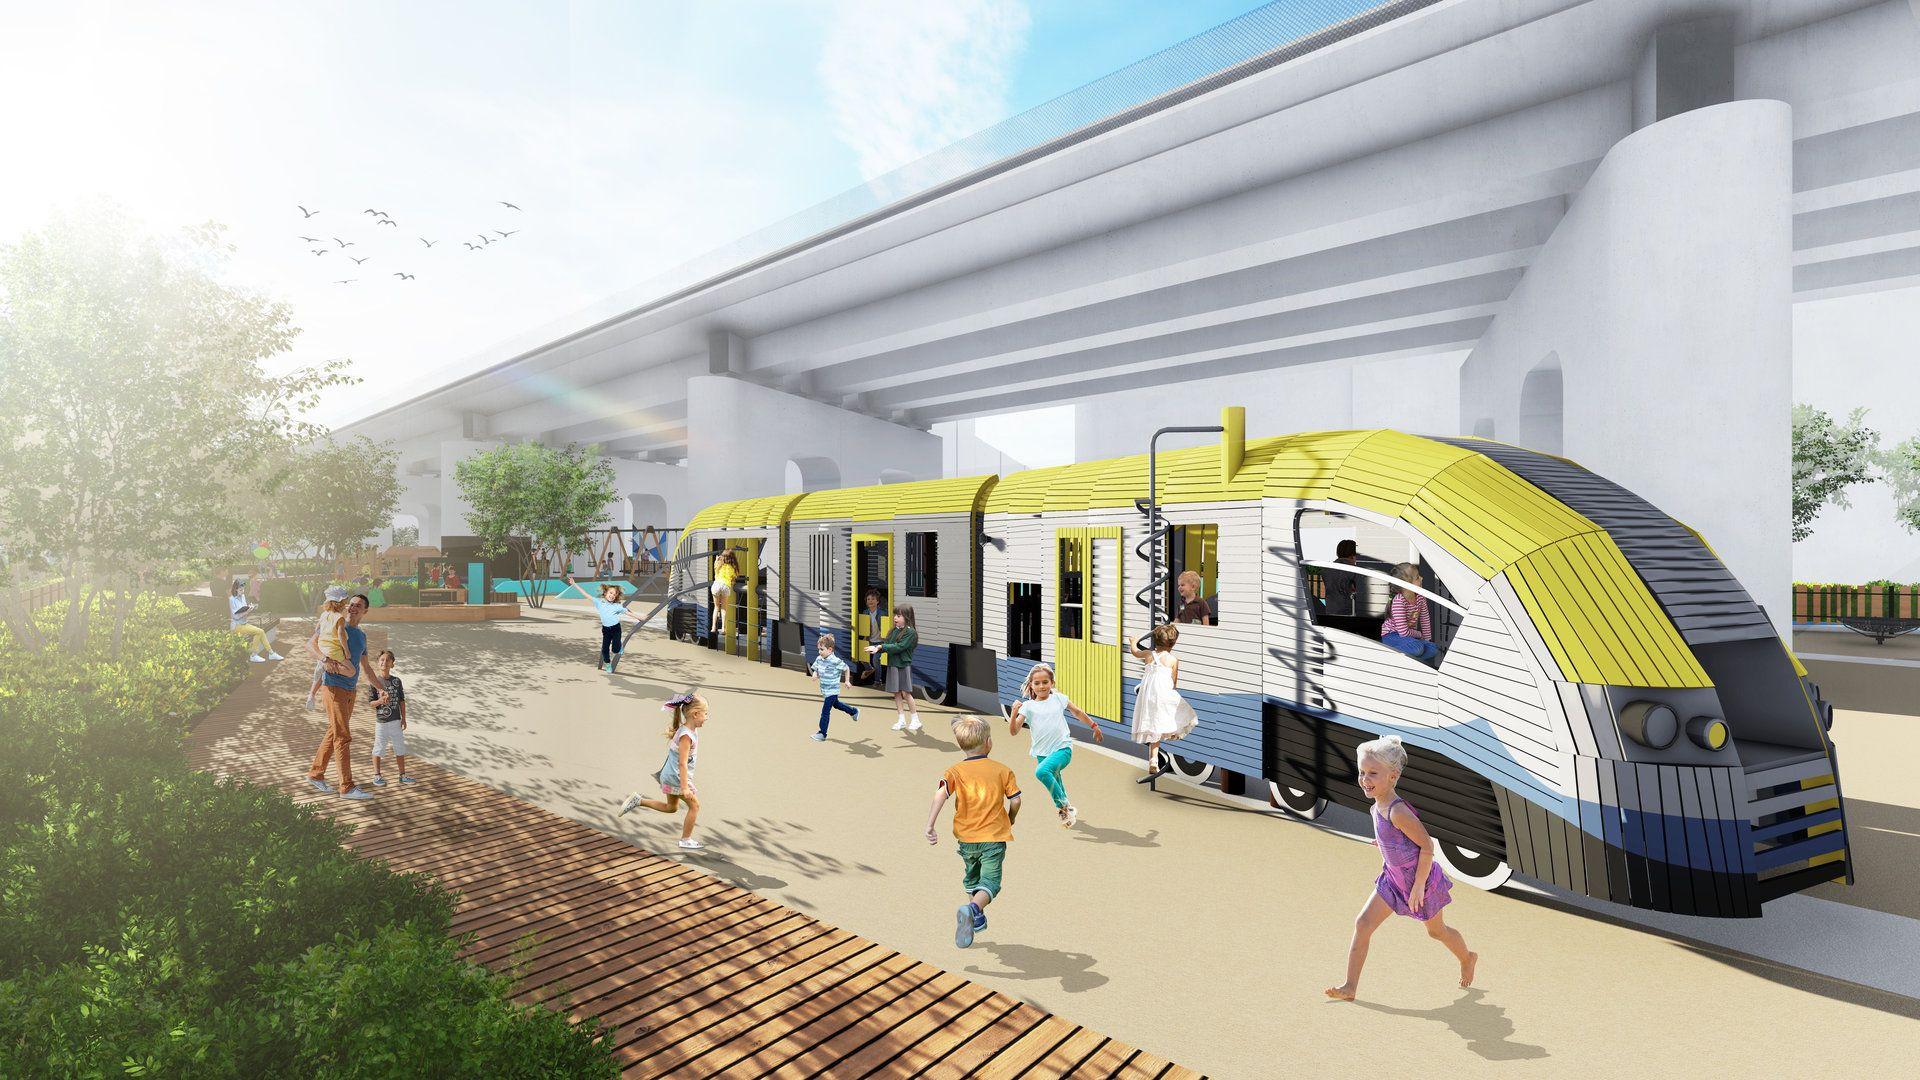 Kraków zagospodaruje dla mieszkańców tereny pod nową estakadą kolejową w centrum miasta